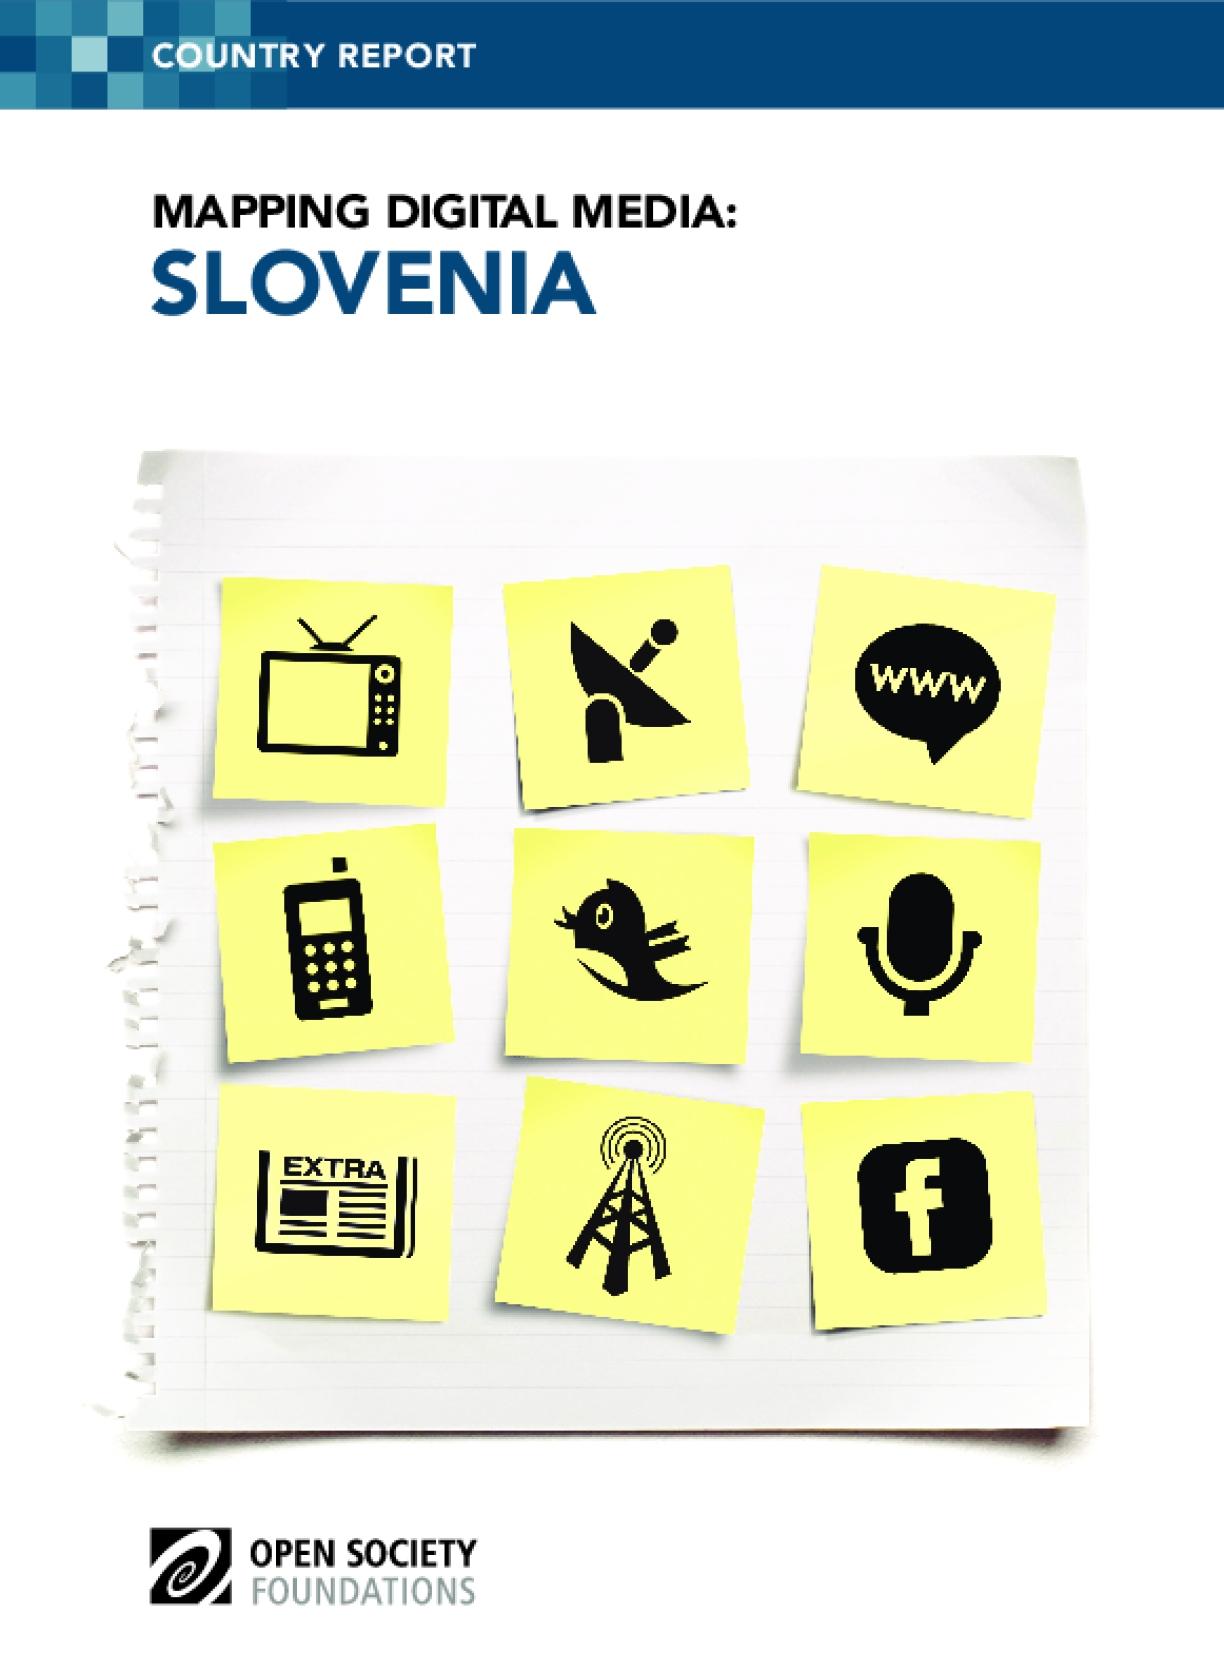 Mapping Digital Media: Slovenia